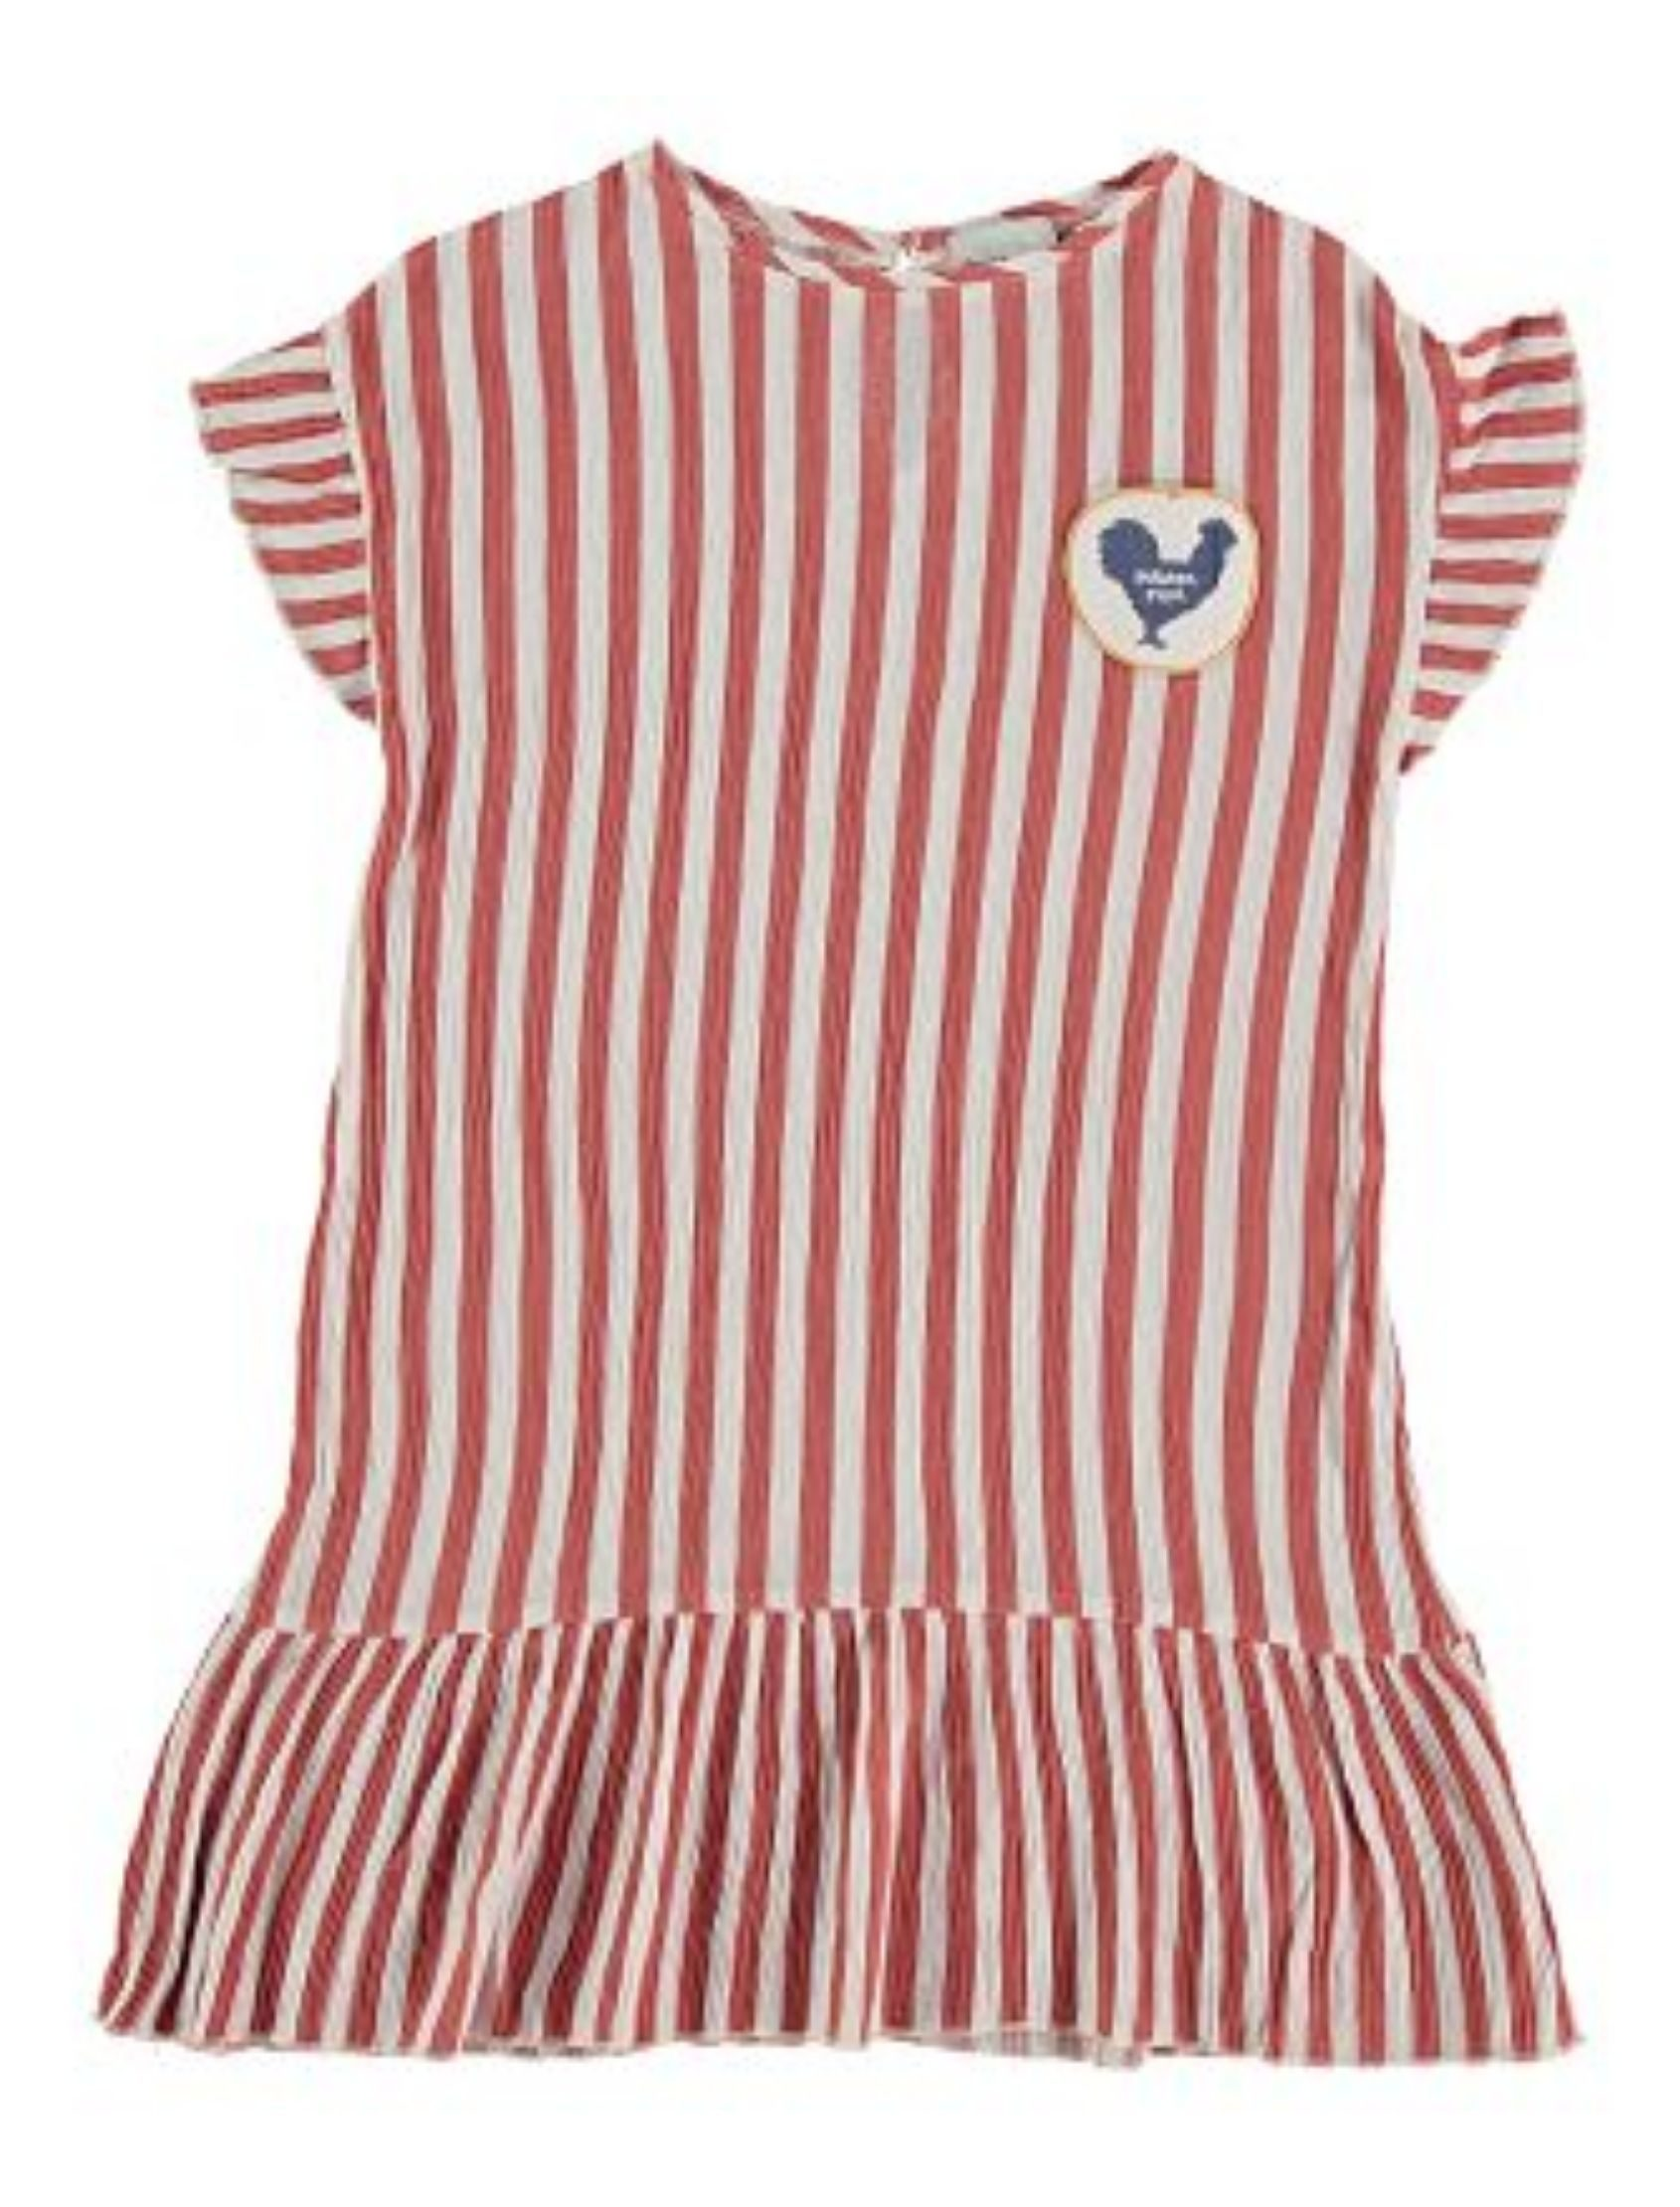 vestido laia con rayas en rojo y blanco de piñata pum. Volante en mangas y bajo y parche de gallo